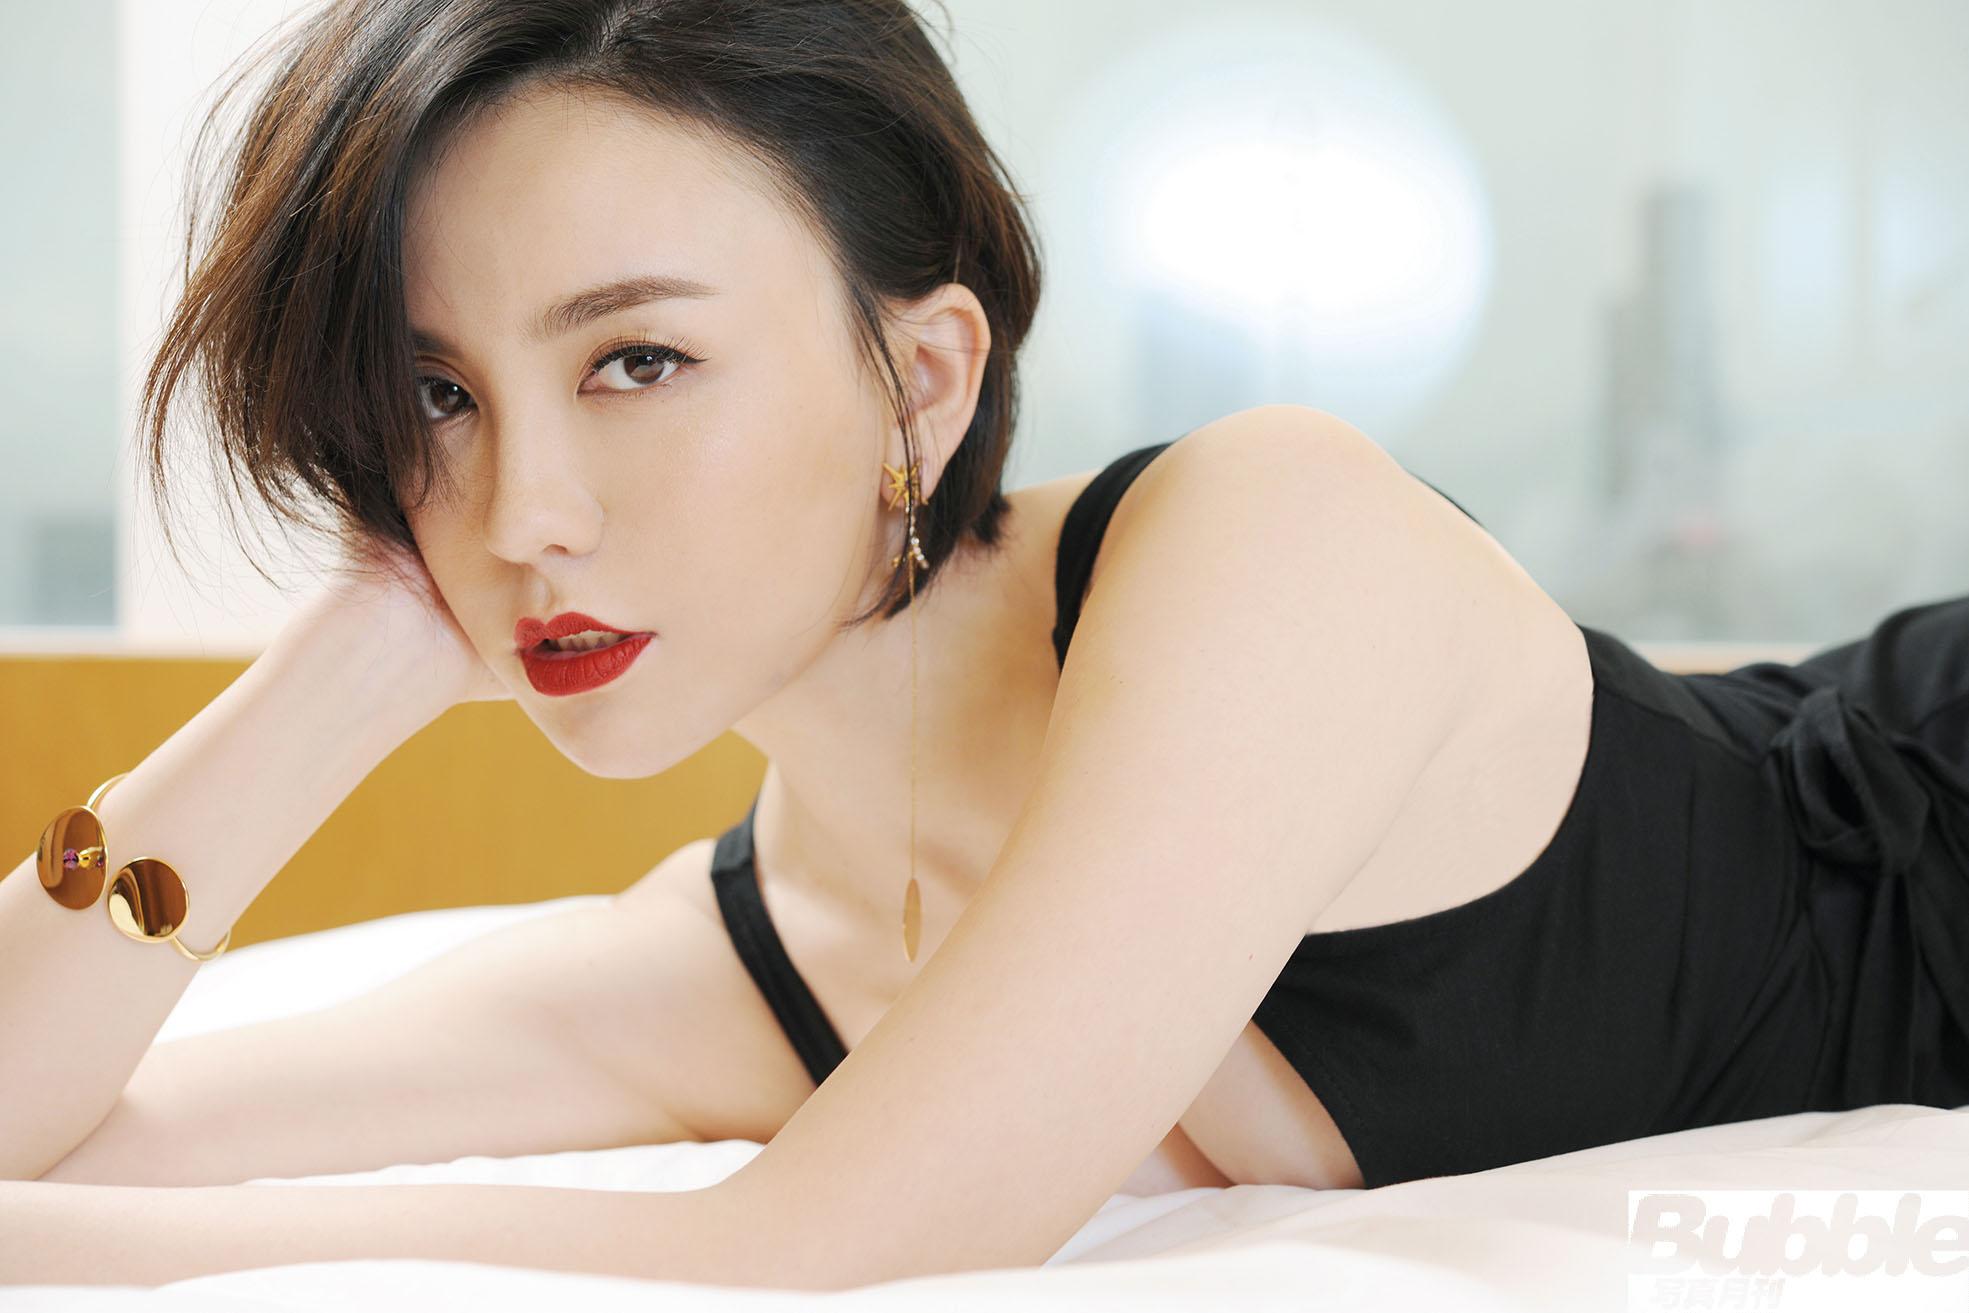 呂佳容將於7月份香港書展期間推出個人首本寫真集《泡沫》。